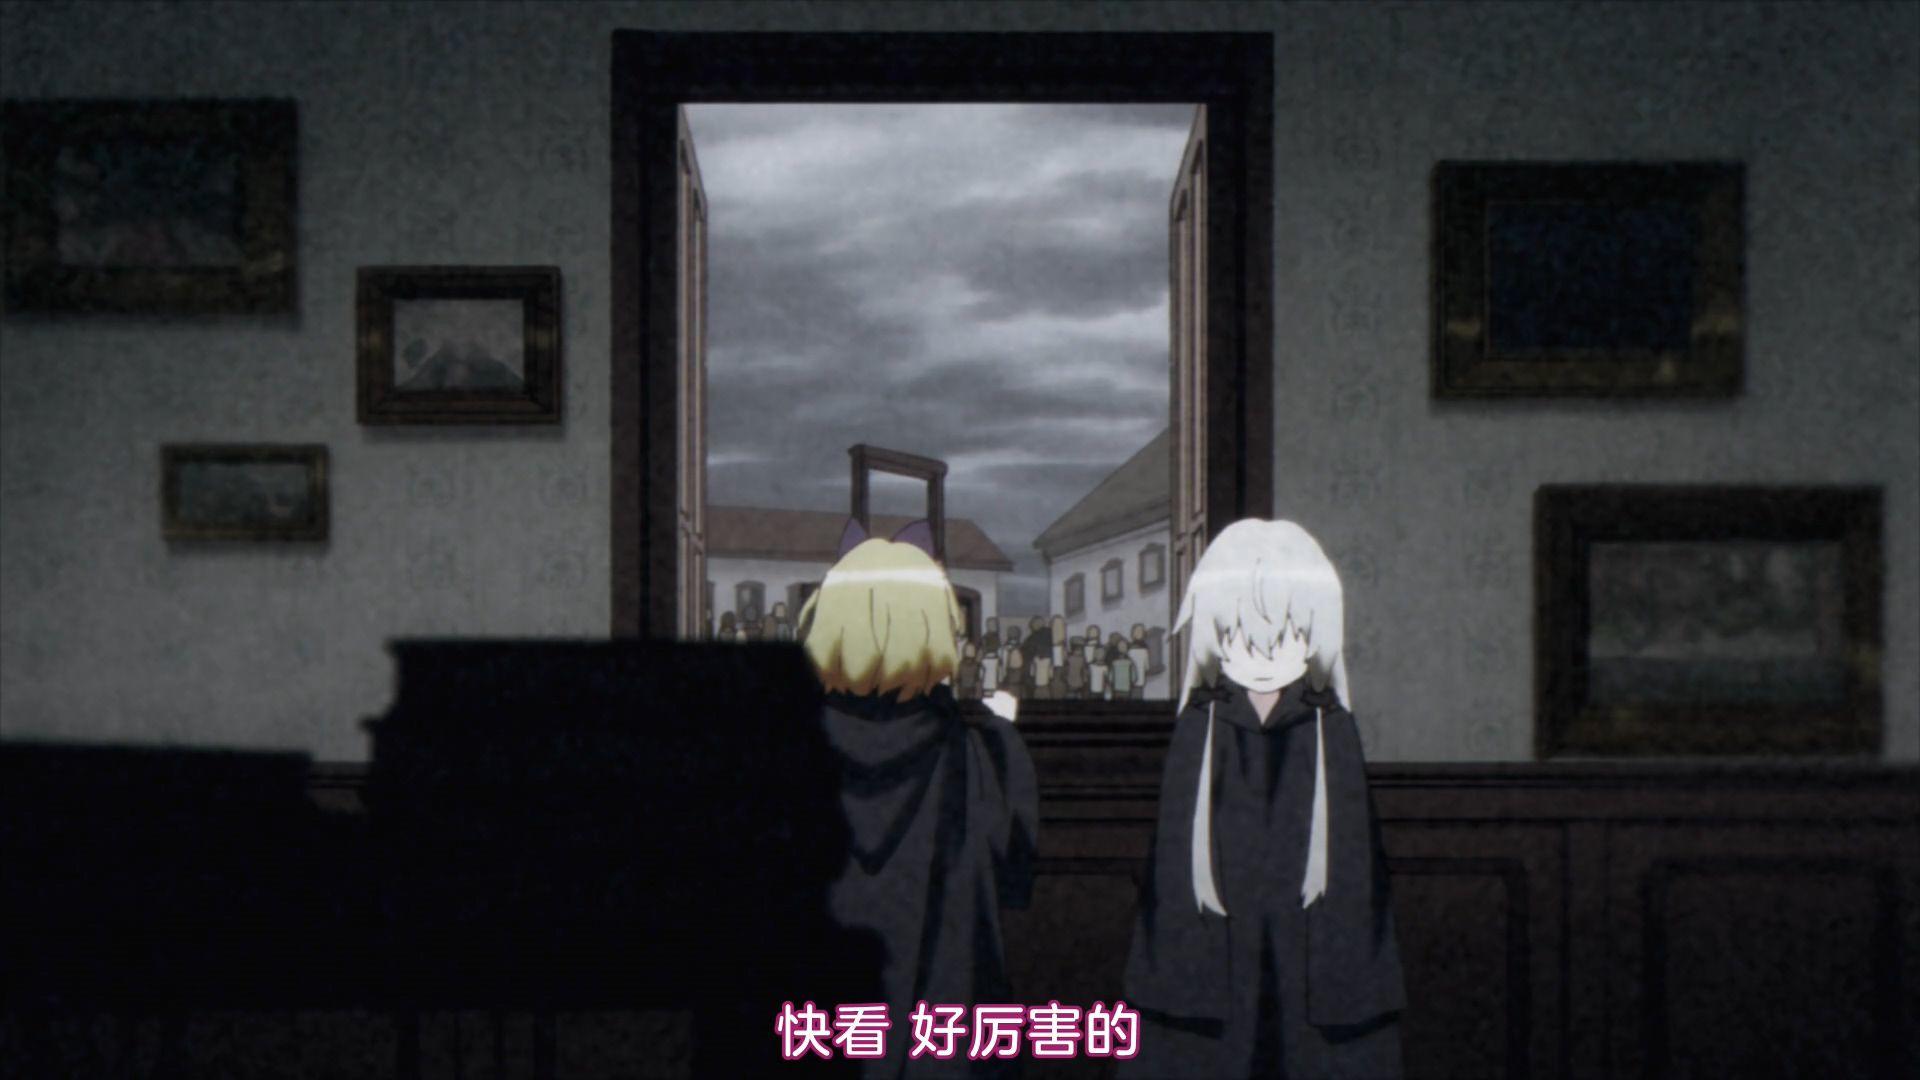 图8-8 ep3 黄发的是另一个吸血鬼 Elly,当年带索菲看玛丽·安托瓦内特的处刑